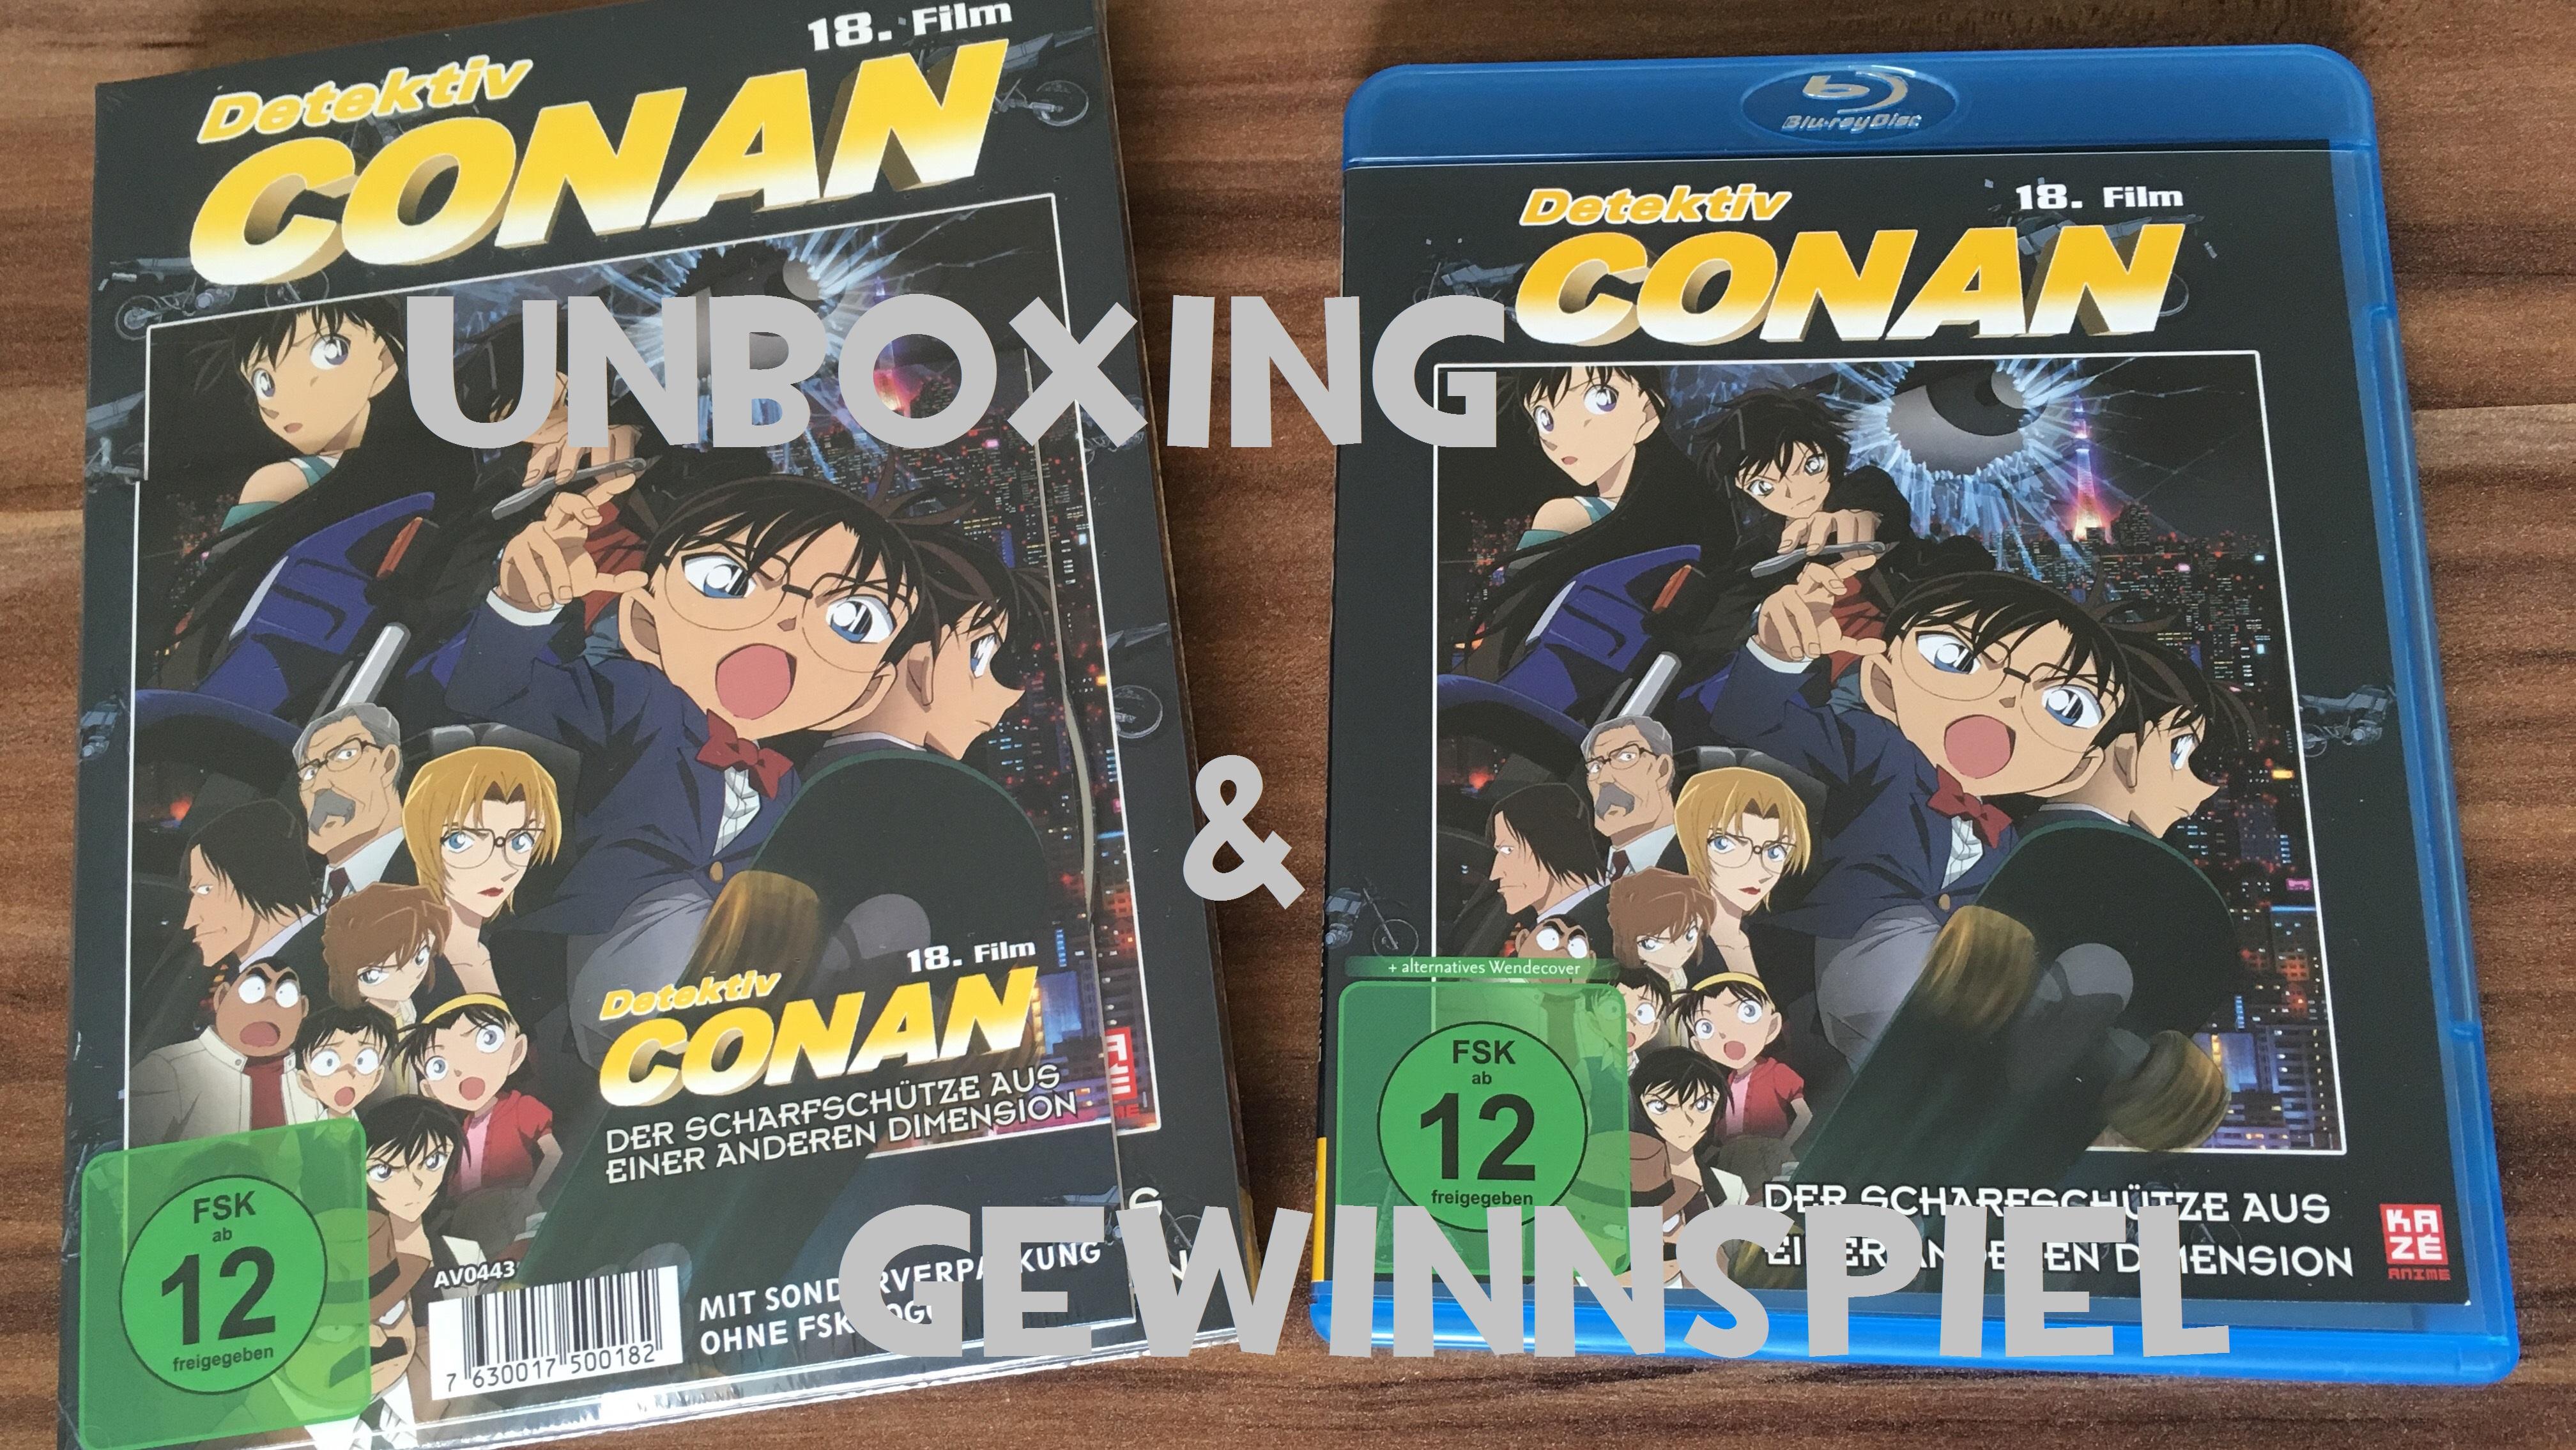 Detektiv Conan 18 Film Unboxing Gewinnspiel | ConanNews.org – Deine ...